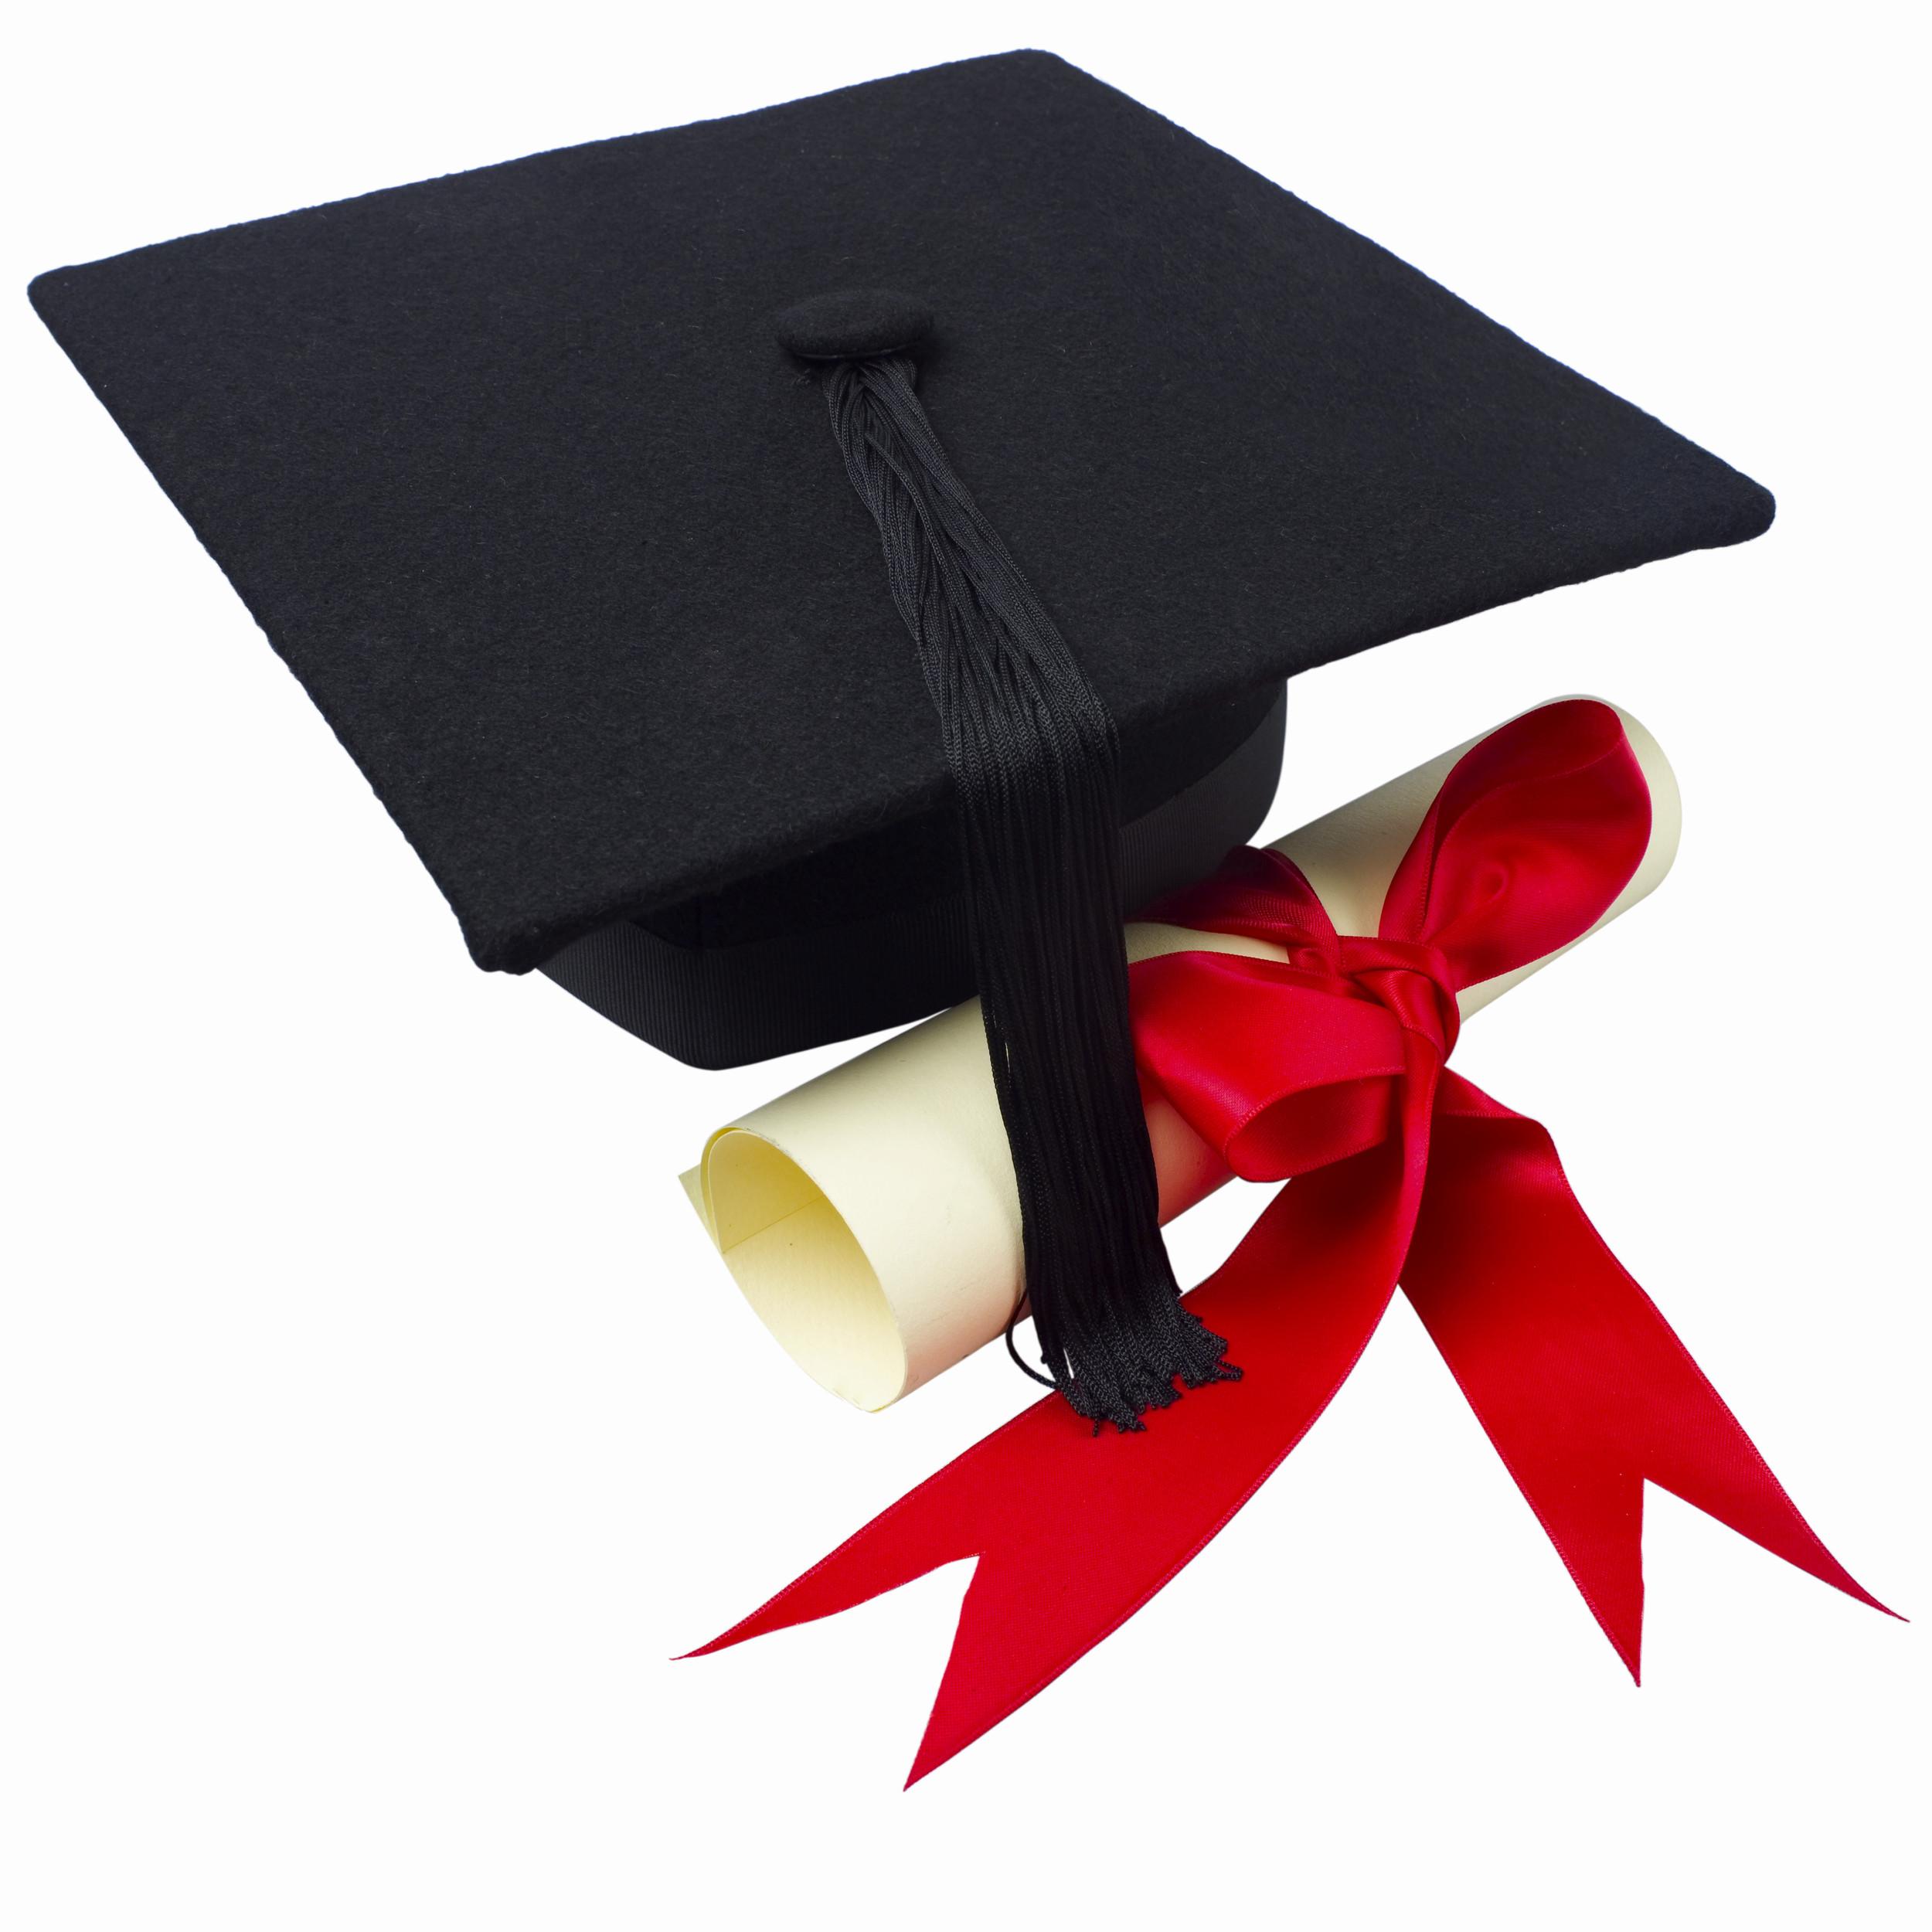 Las Invitaciones De Graduaci Quien Se Invita